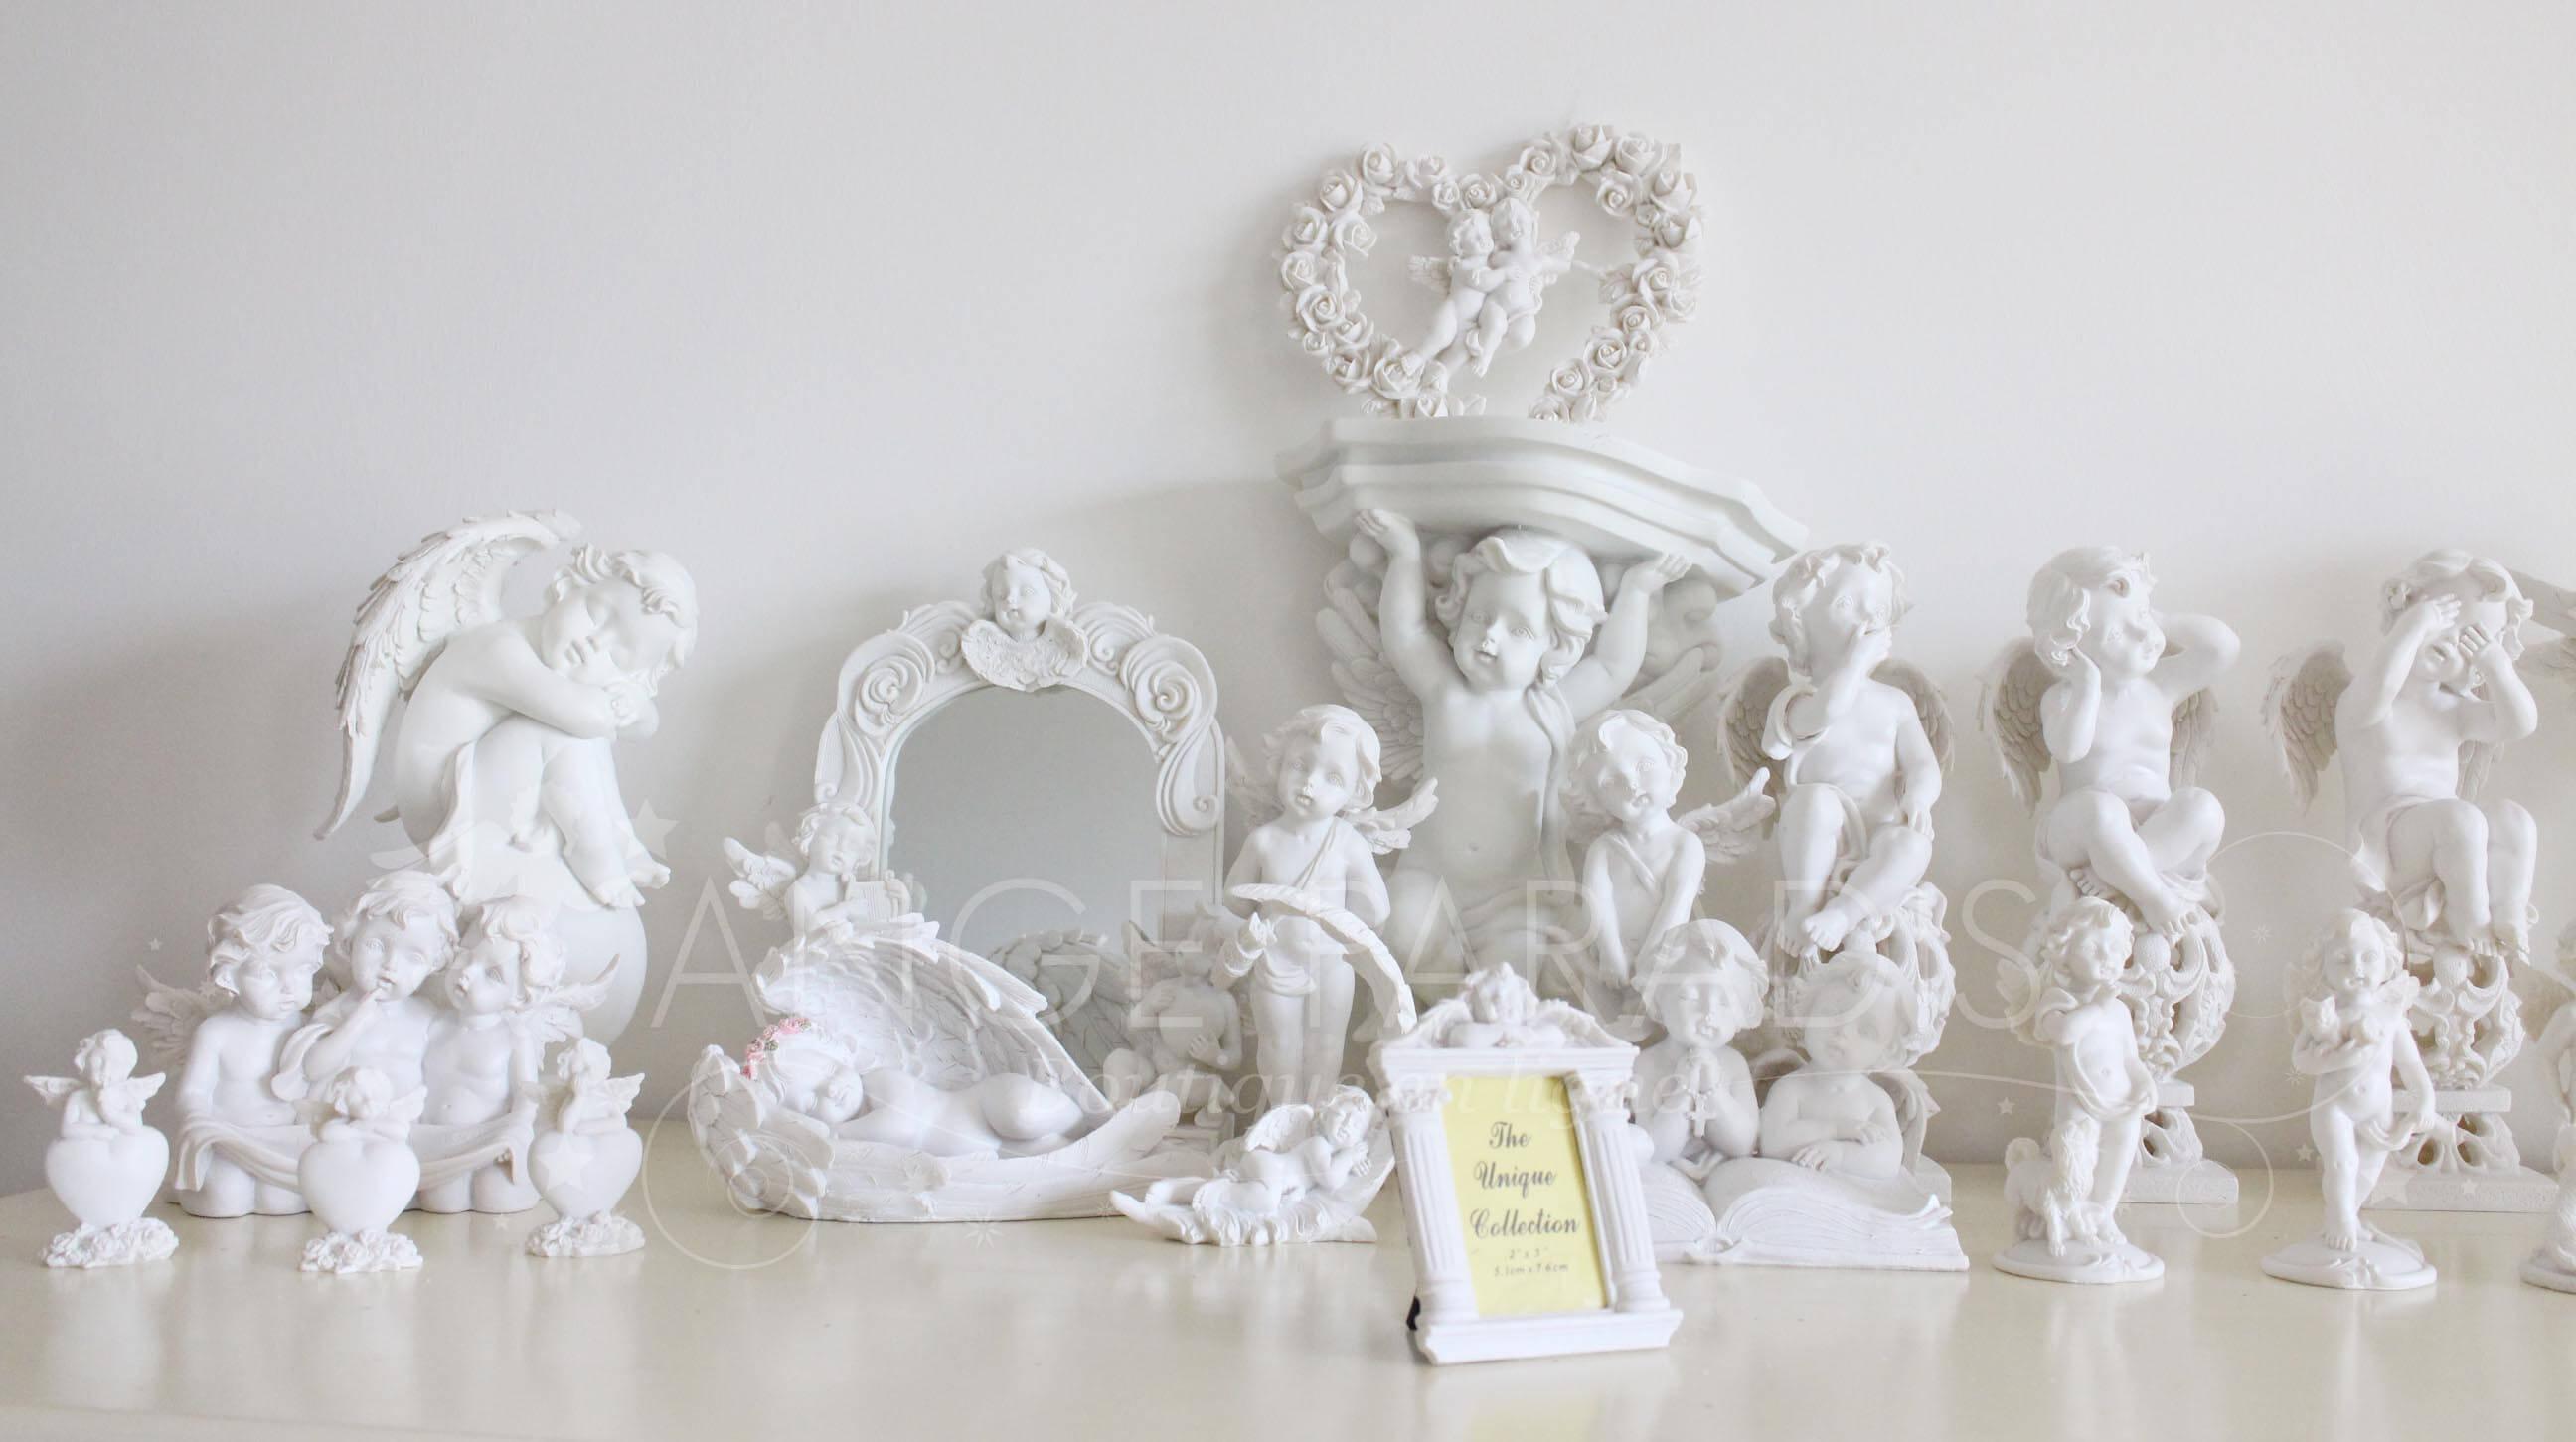 Les Symboles des Anges dans la décoration